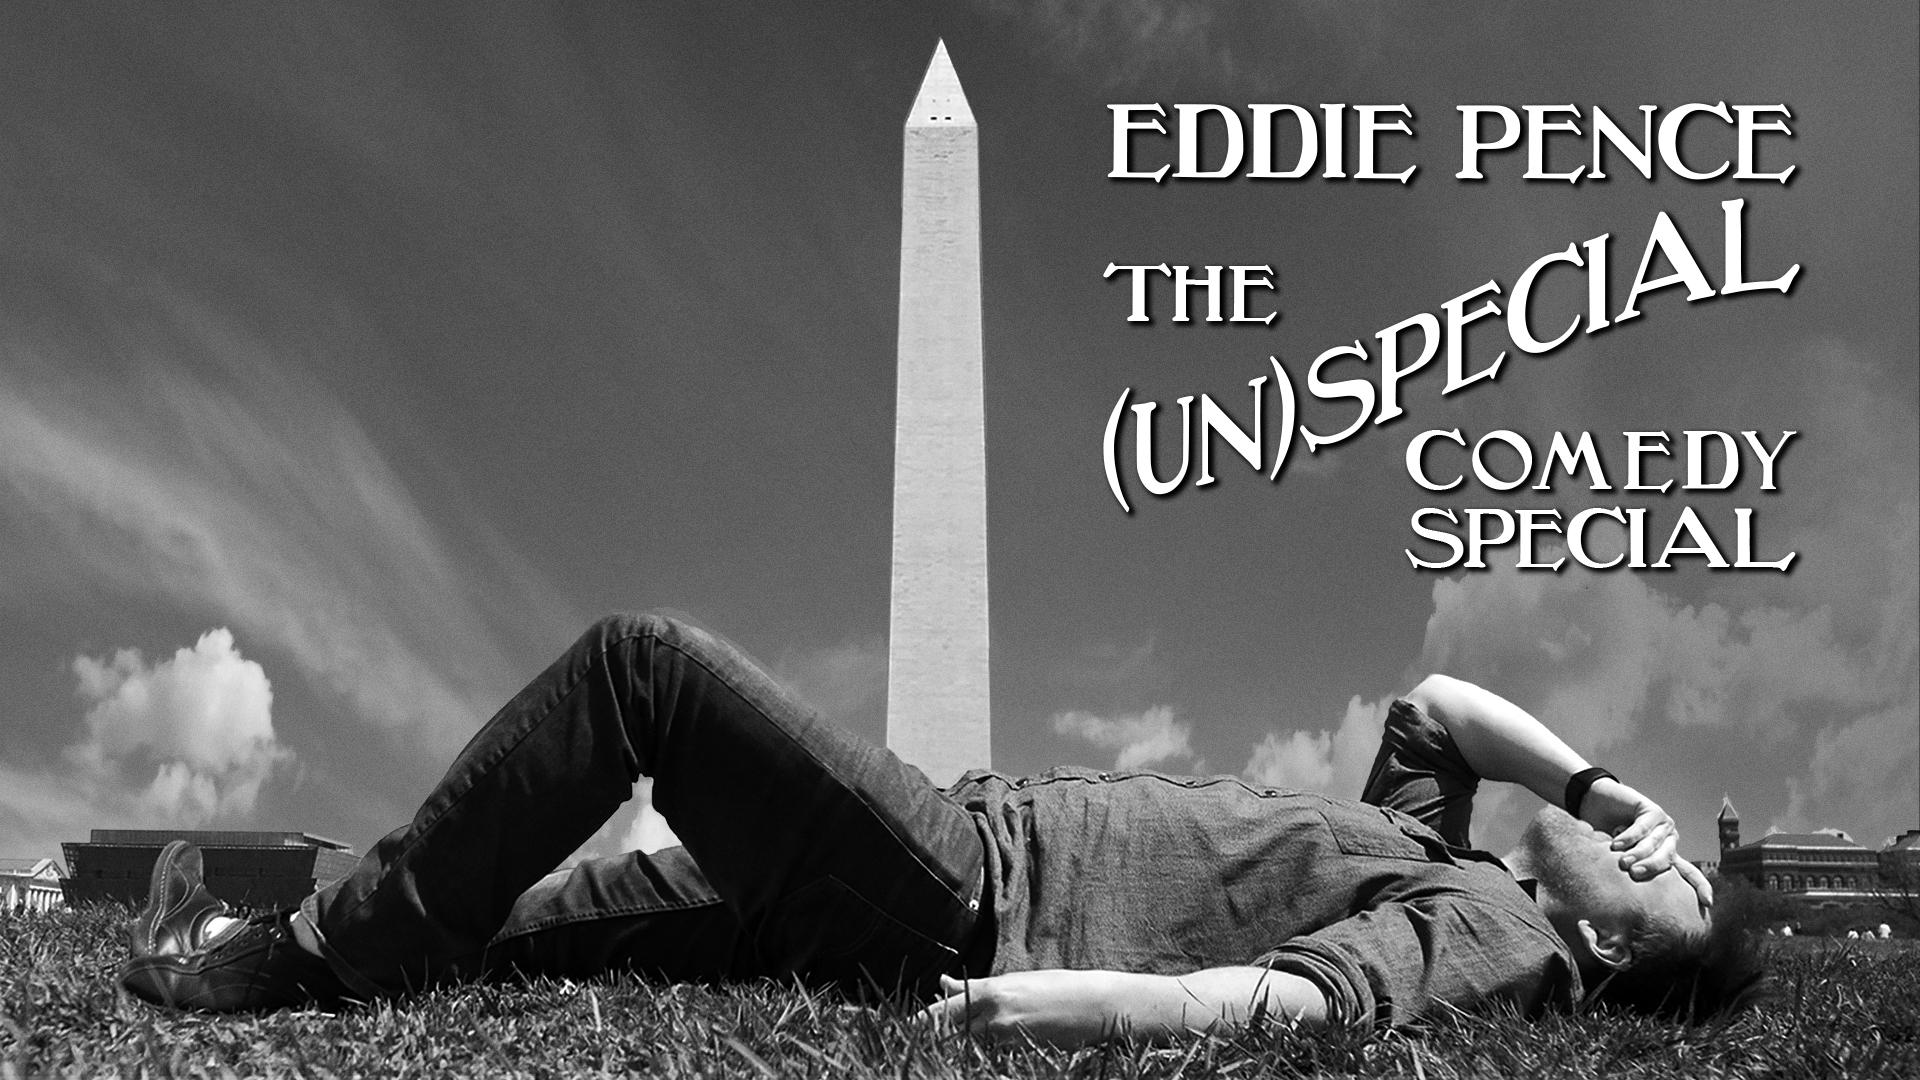 Eddie Pence: The (Un)special Comedy Special